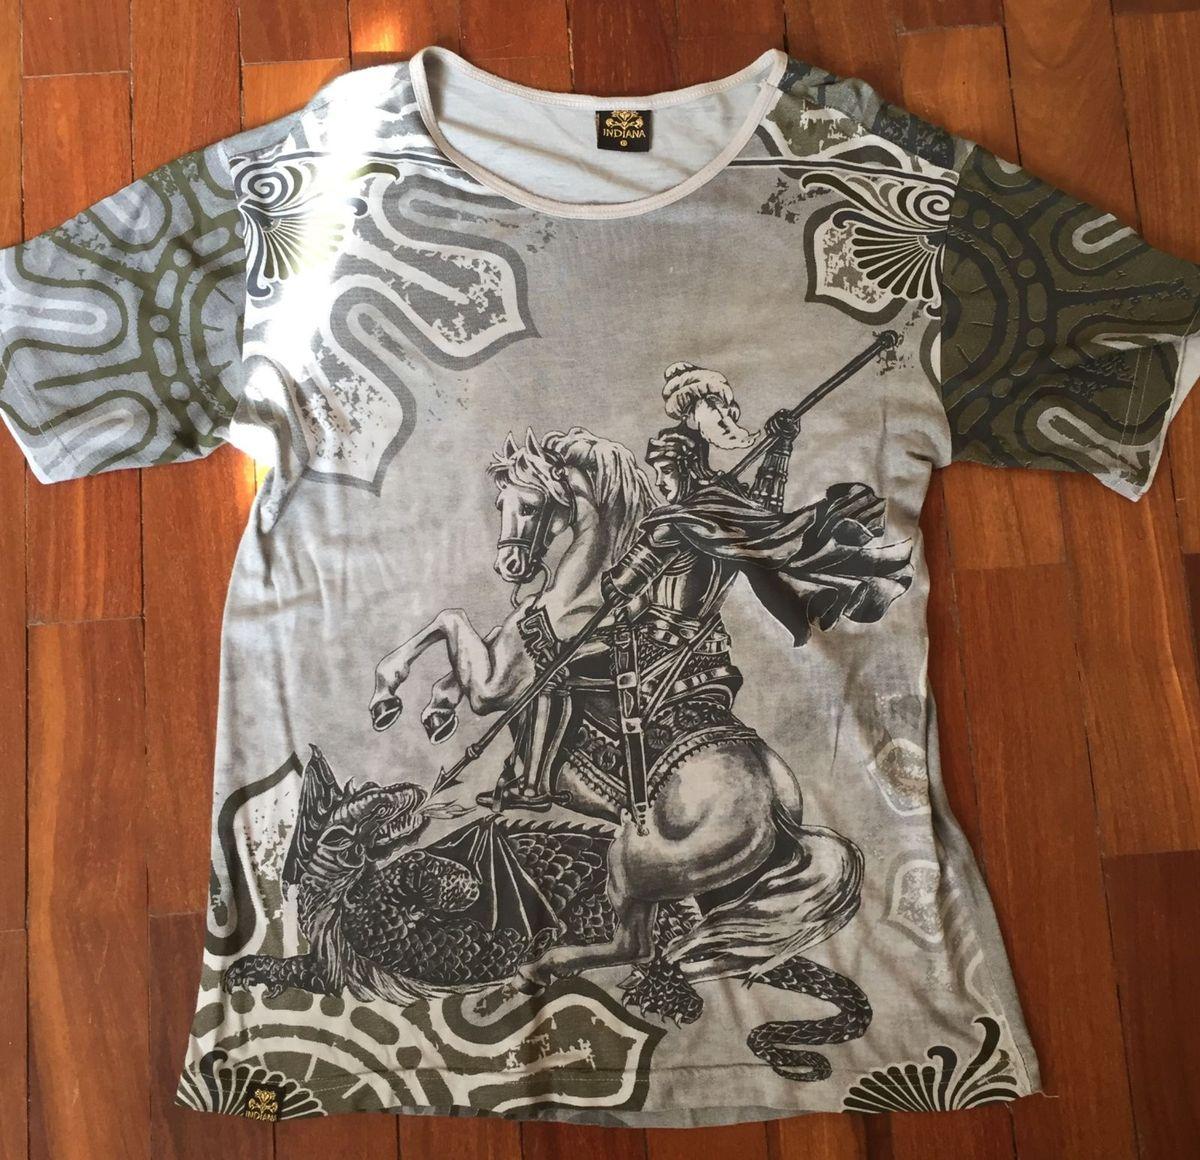 e46b834d88 camiseta indiana são jorge - camisetas indiana.  Czm6ly9wag90b3muzw5qb2vplmnvbs5ici9wcm9kdwn0cy81nzywmdqzlznkzjkym2jlzdy5owywmtljzmjlowm1mwnmntnknzu3lmpwzw